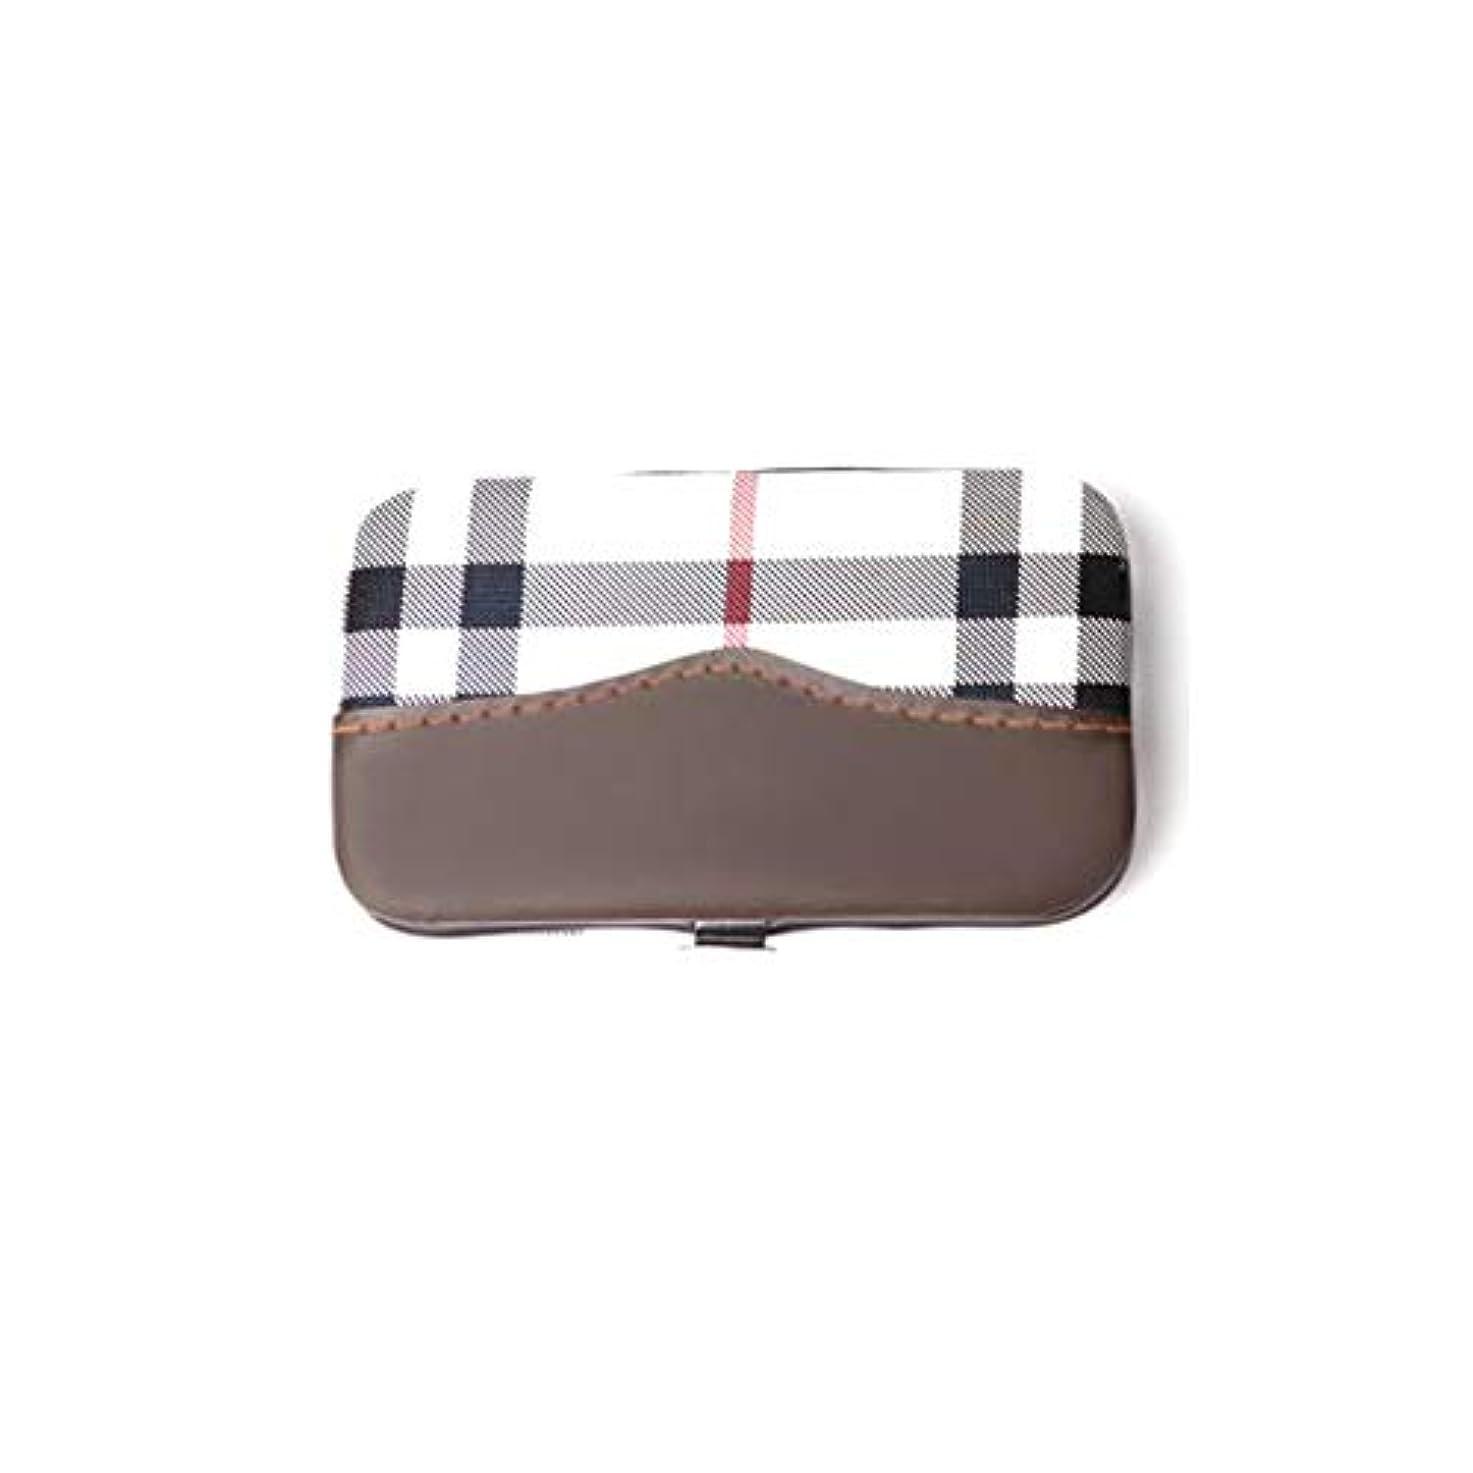 キャップファンシー敬意を表して爪切りセット多機能 美容セット携帯便利 収納ケース付き、6点セット